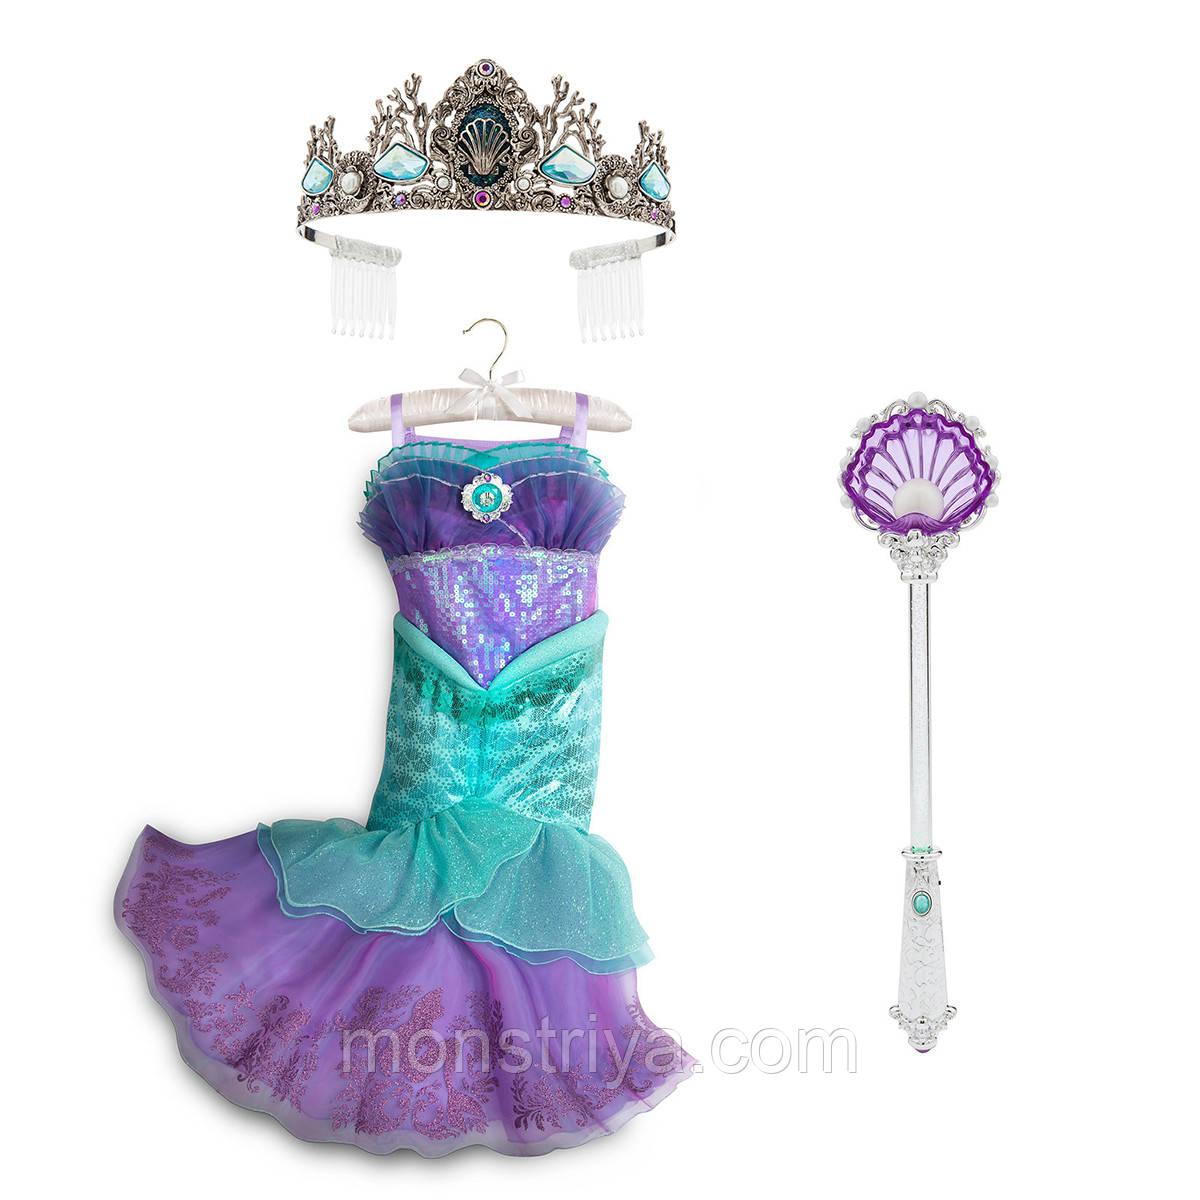 04a5be751b4 Карнавальный костюм русалочки Ариэль Платье+корона+ волшебная палочка  Disney - Интернет-магазин